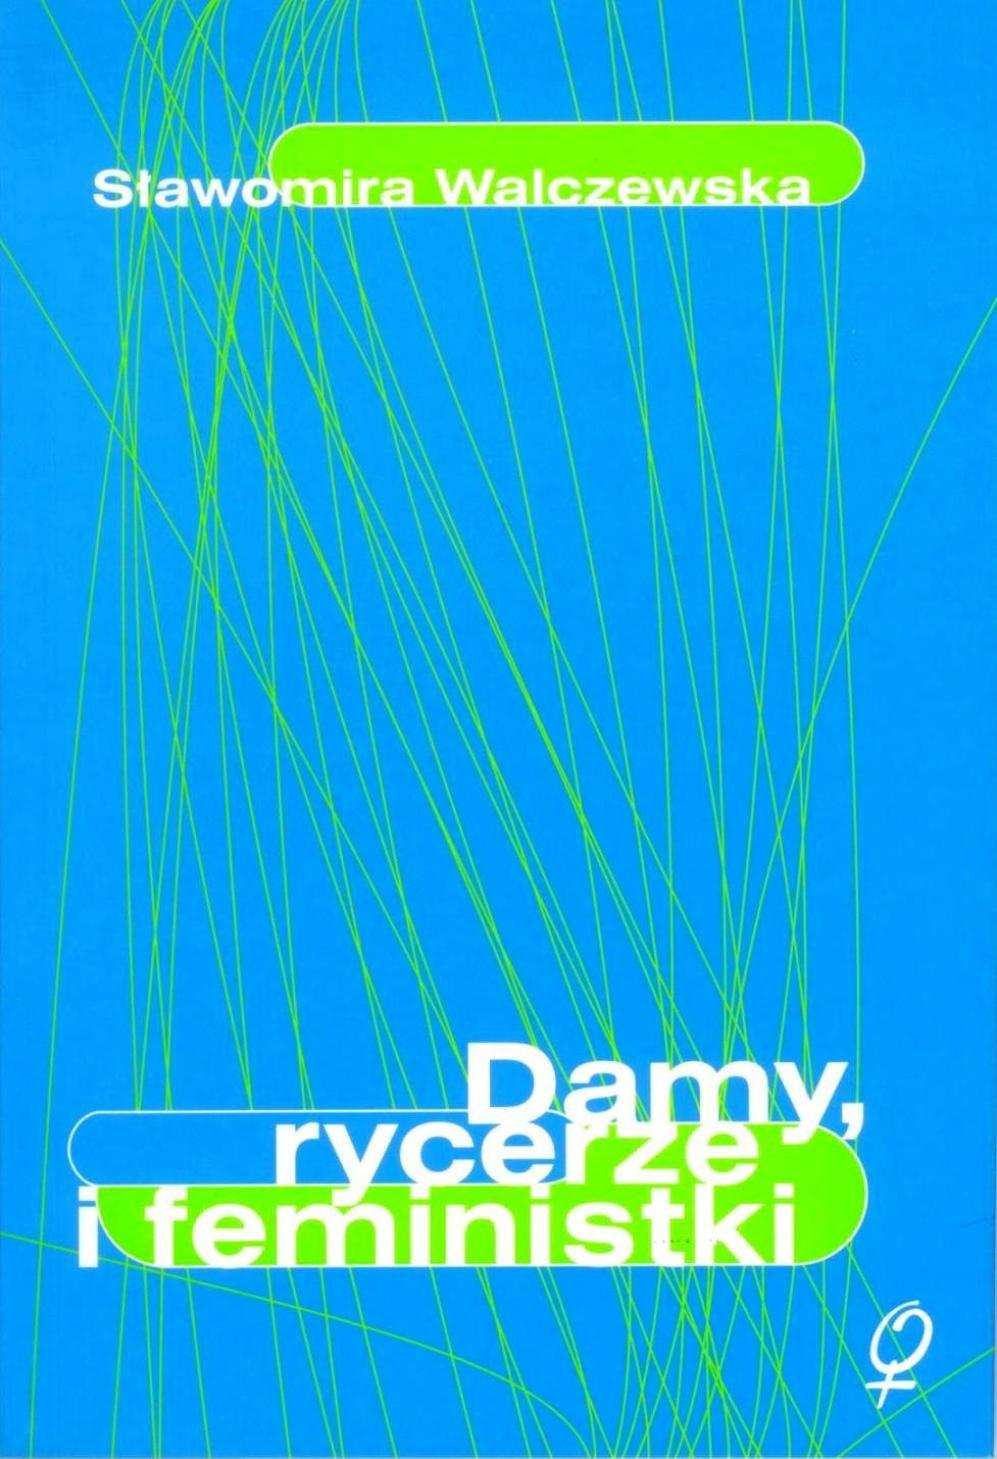 Damy, rycerze i feministki - Ebook (Książka EPUB) do pobrania w formacie EPUB